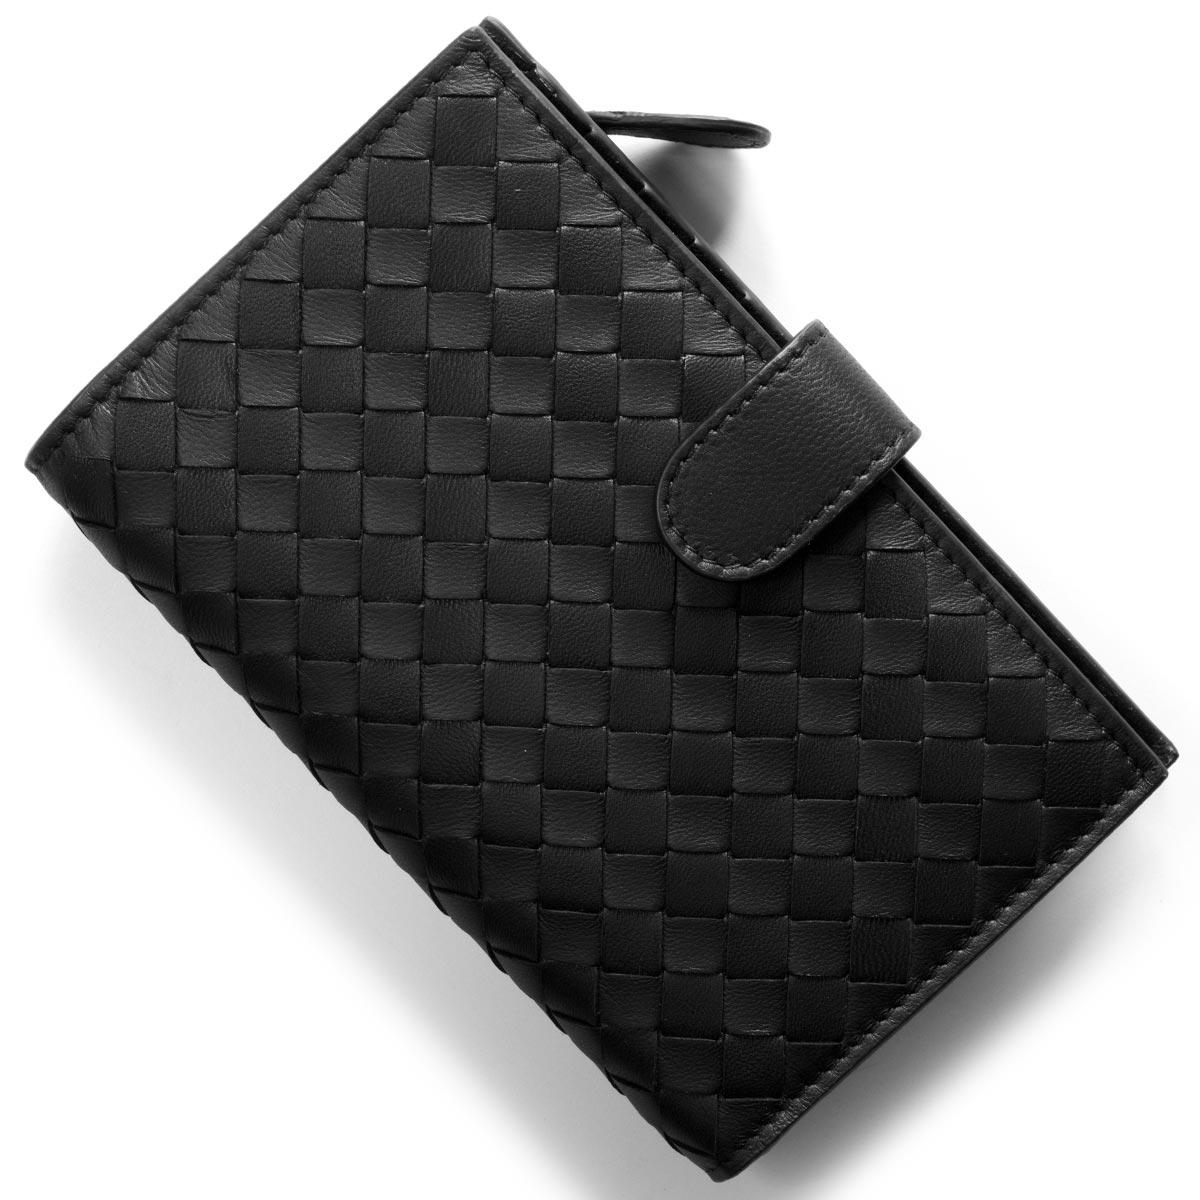 ボッテガヴェネタ (ボッテガ・ヴェネタ) 財布 二つ折り財布 財布 メンズ レディース イントレチャート ブラック 121060 V001N 1000 BOTTEGA VENETA バーゲン